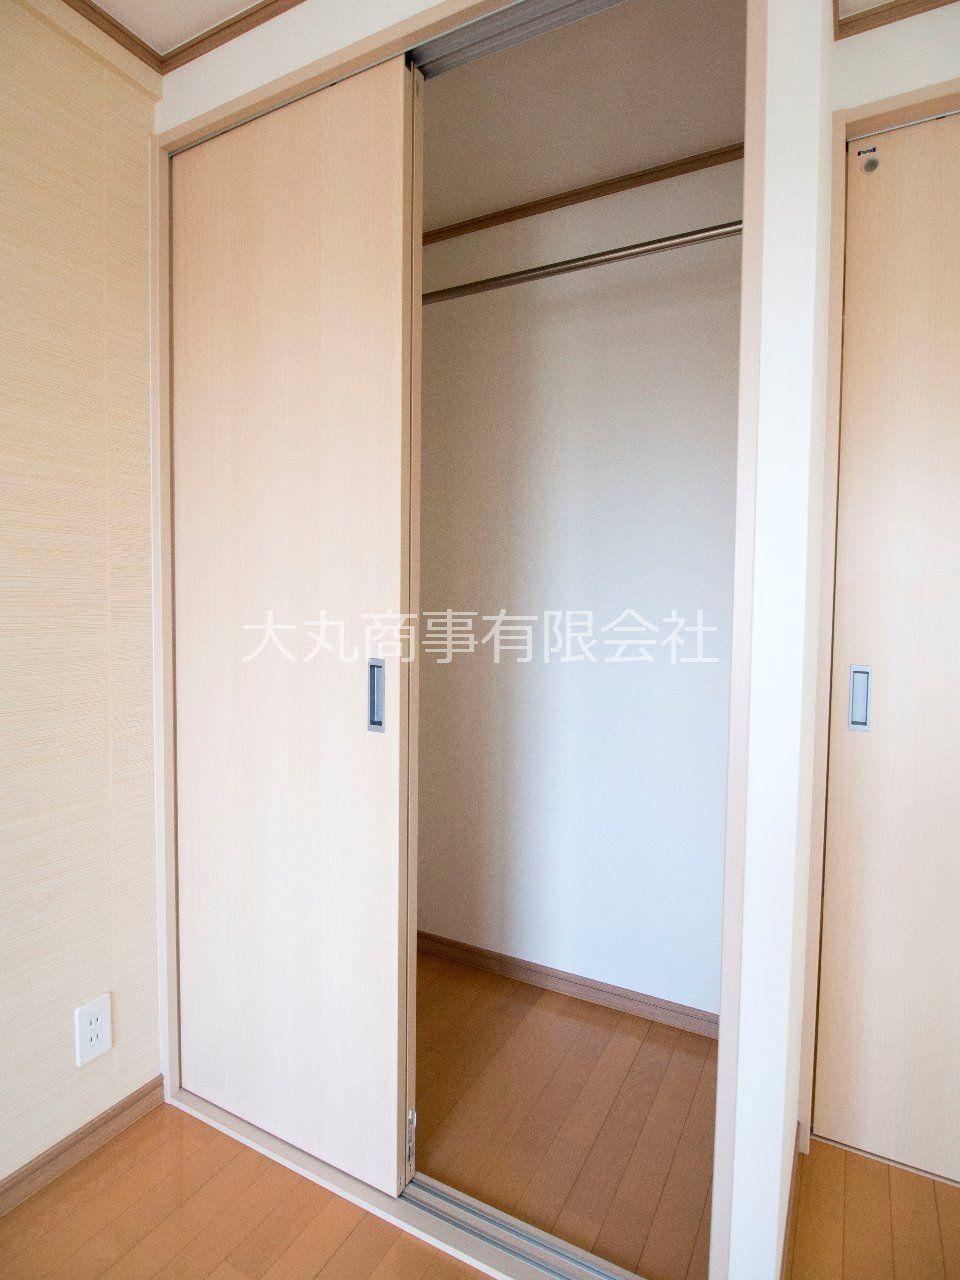 手前に張り出さない引戸で、お部屋のレイアウトの幅も広がります